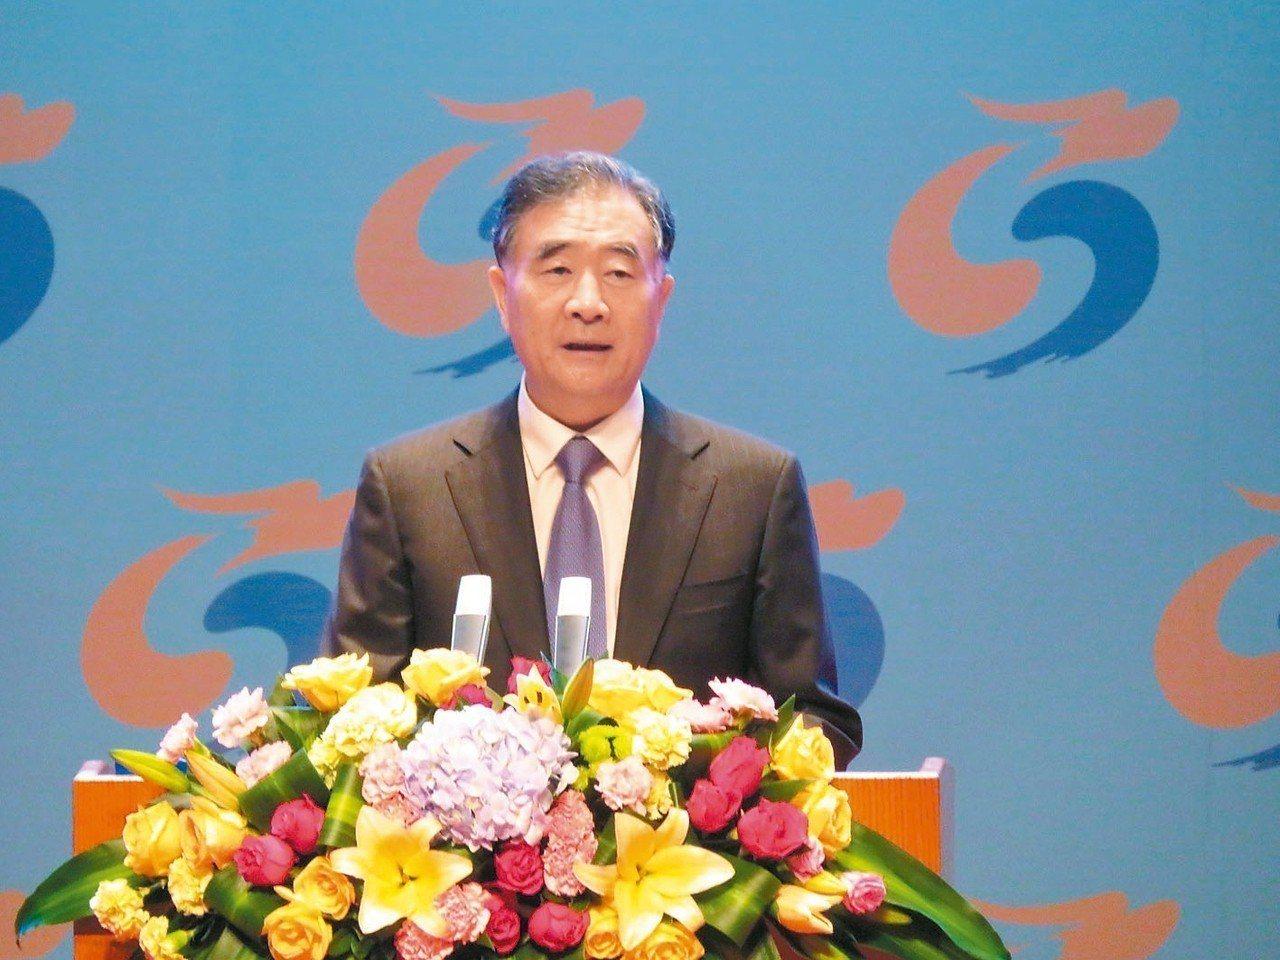 中共對台工作會議強調反獨 學者:因應總統大選